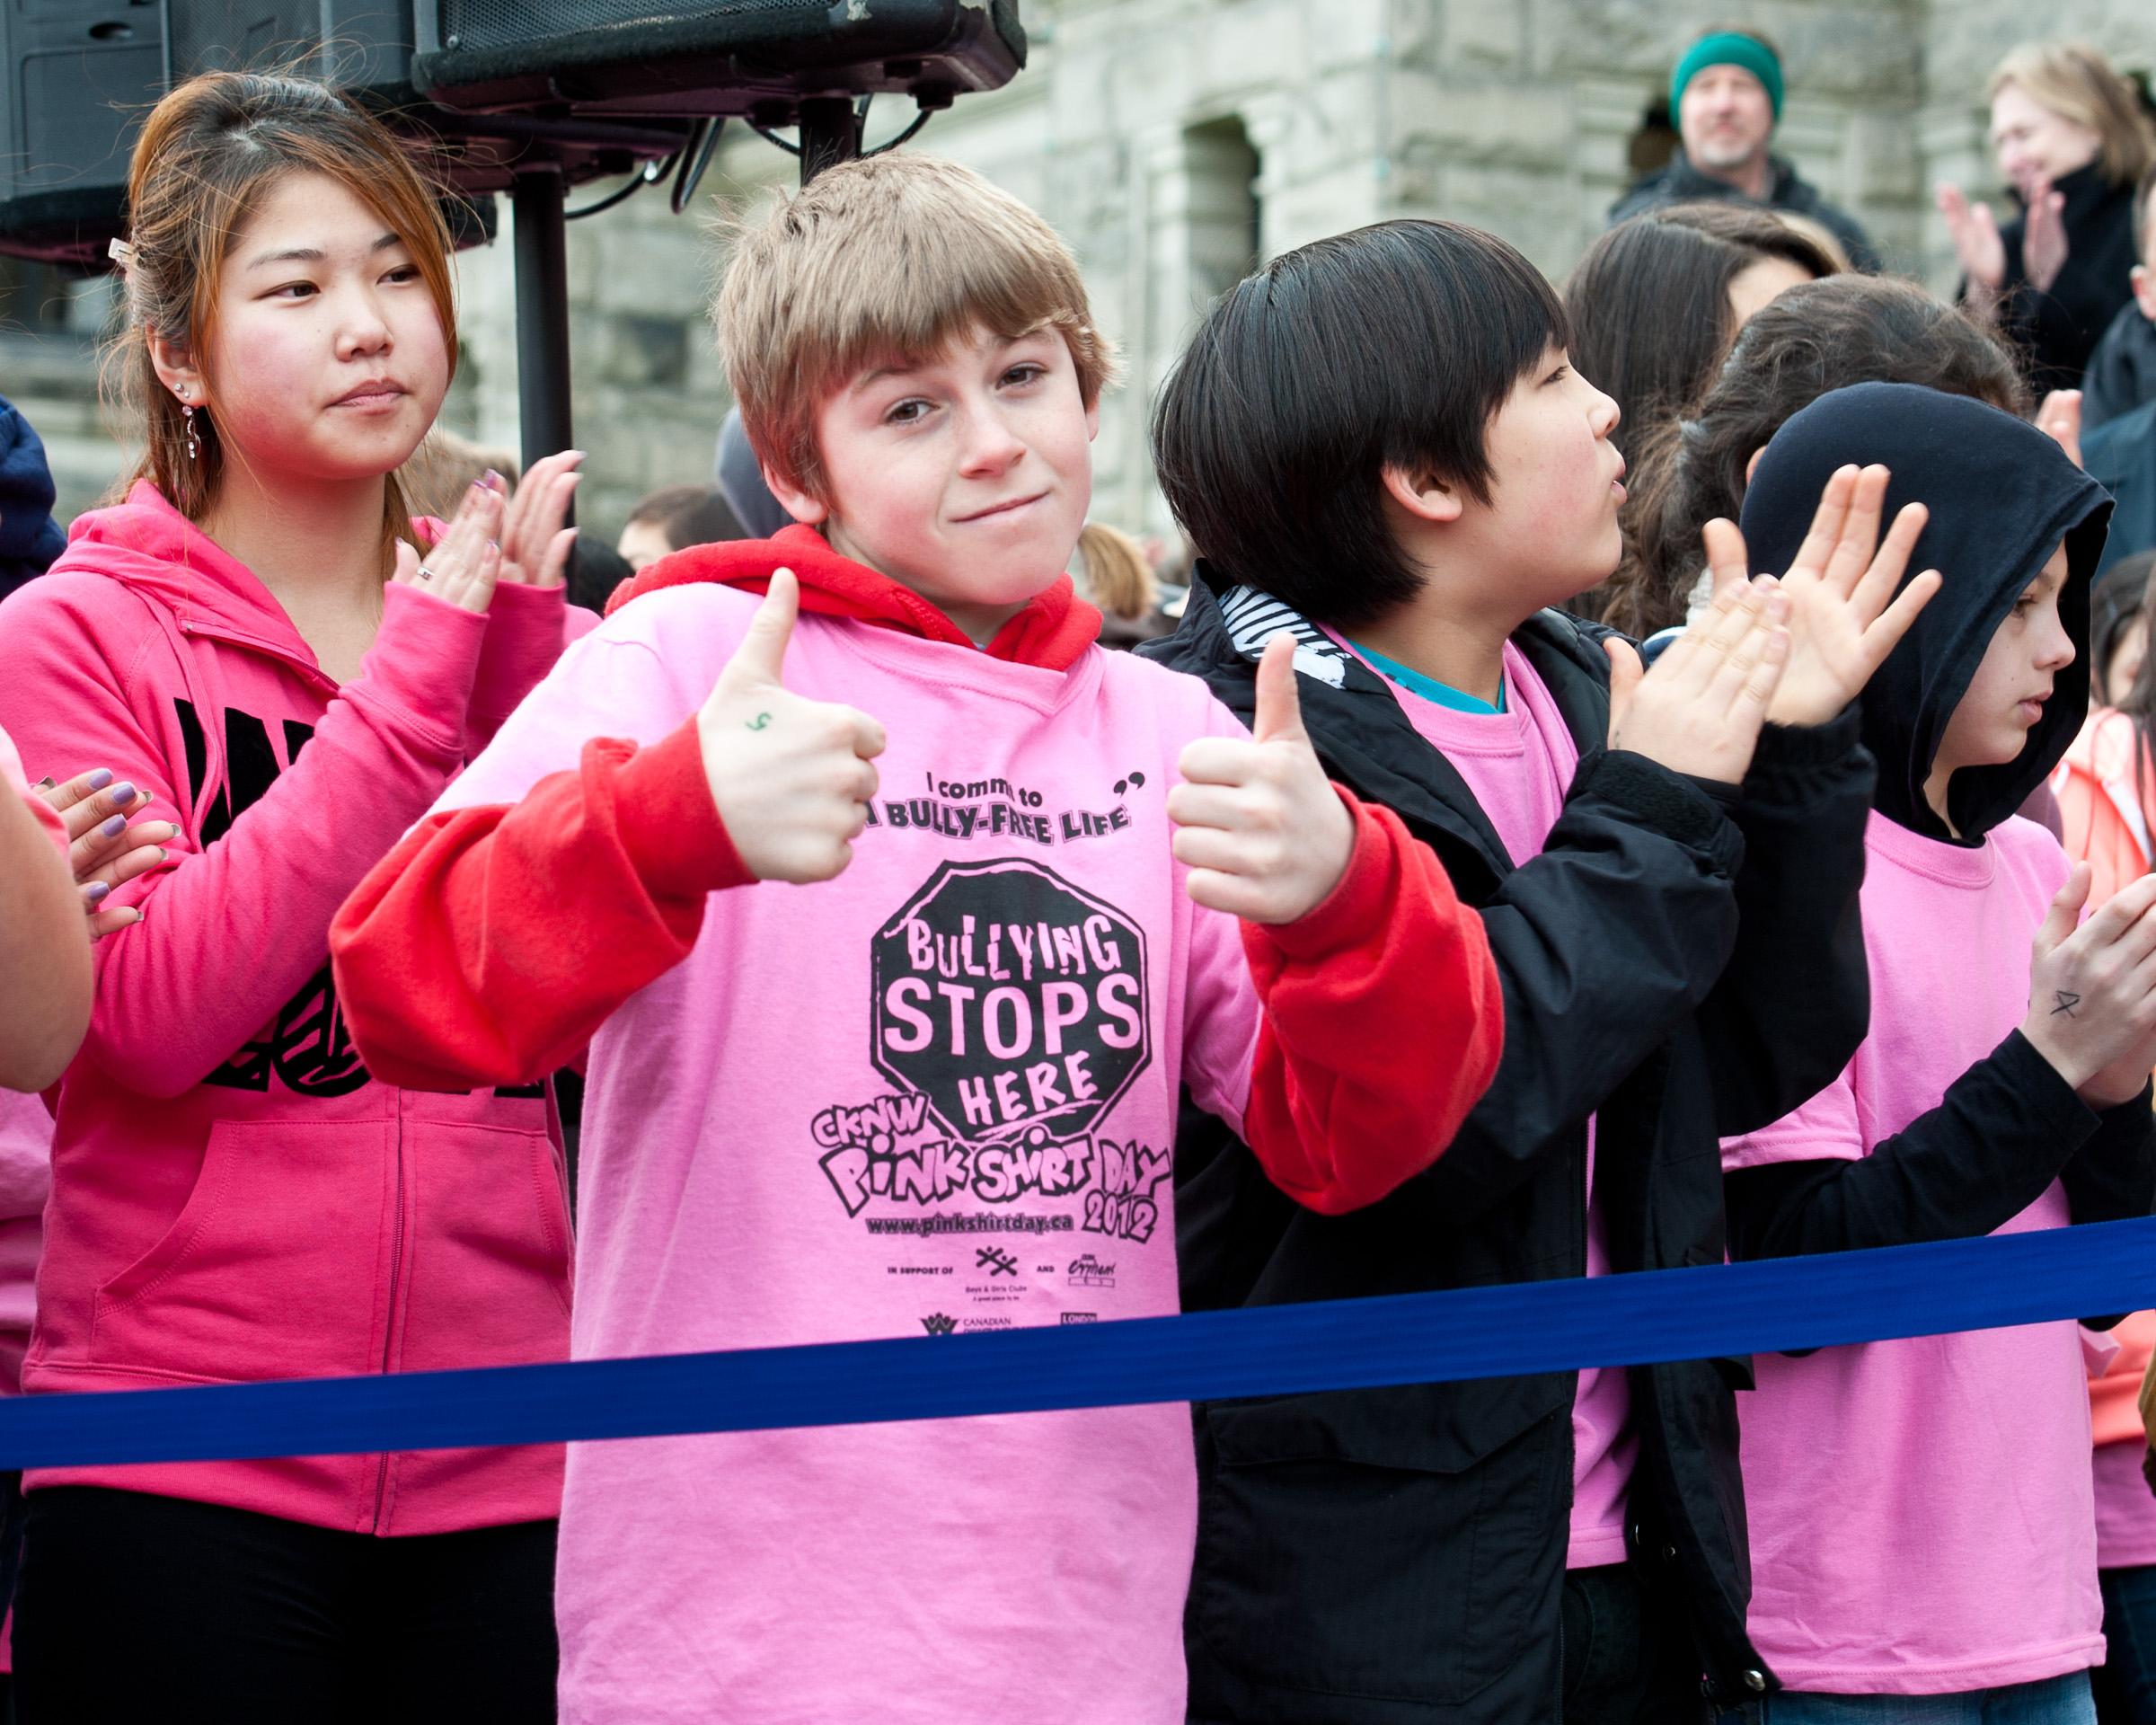 いじめを個人ではなく社会の問題とするカナダ-いじめ撲滅運動を全土で展開!いじめを減らす仕組みとは?